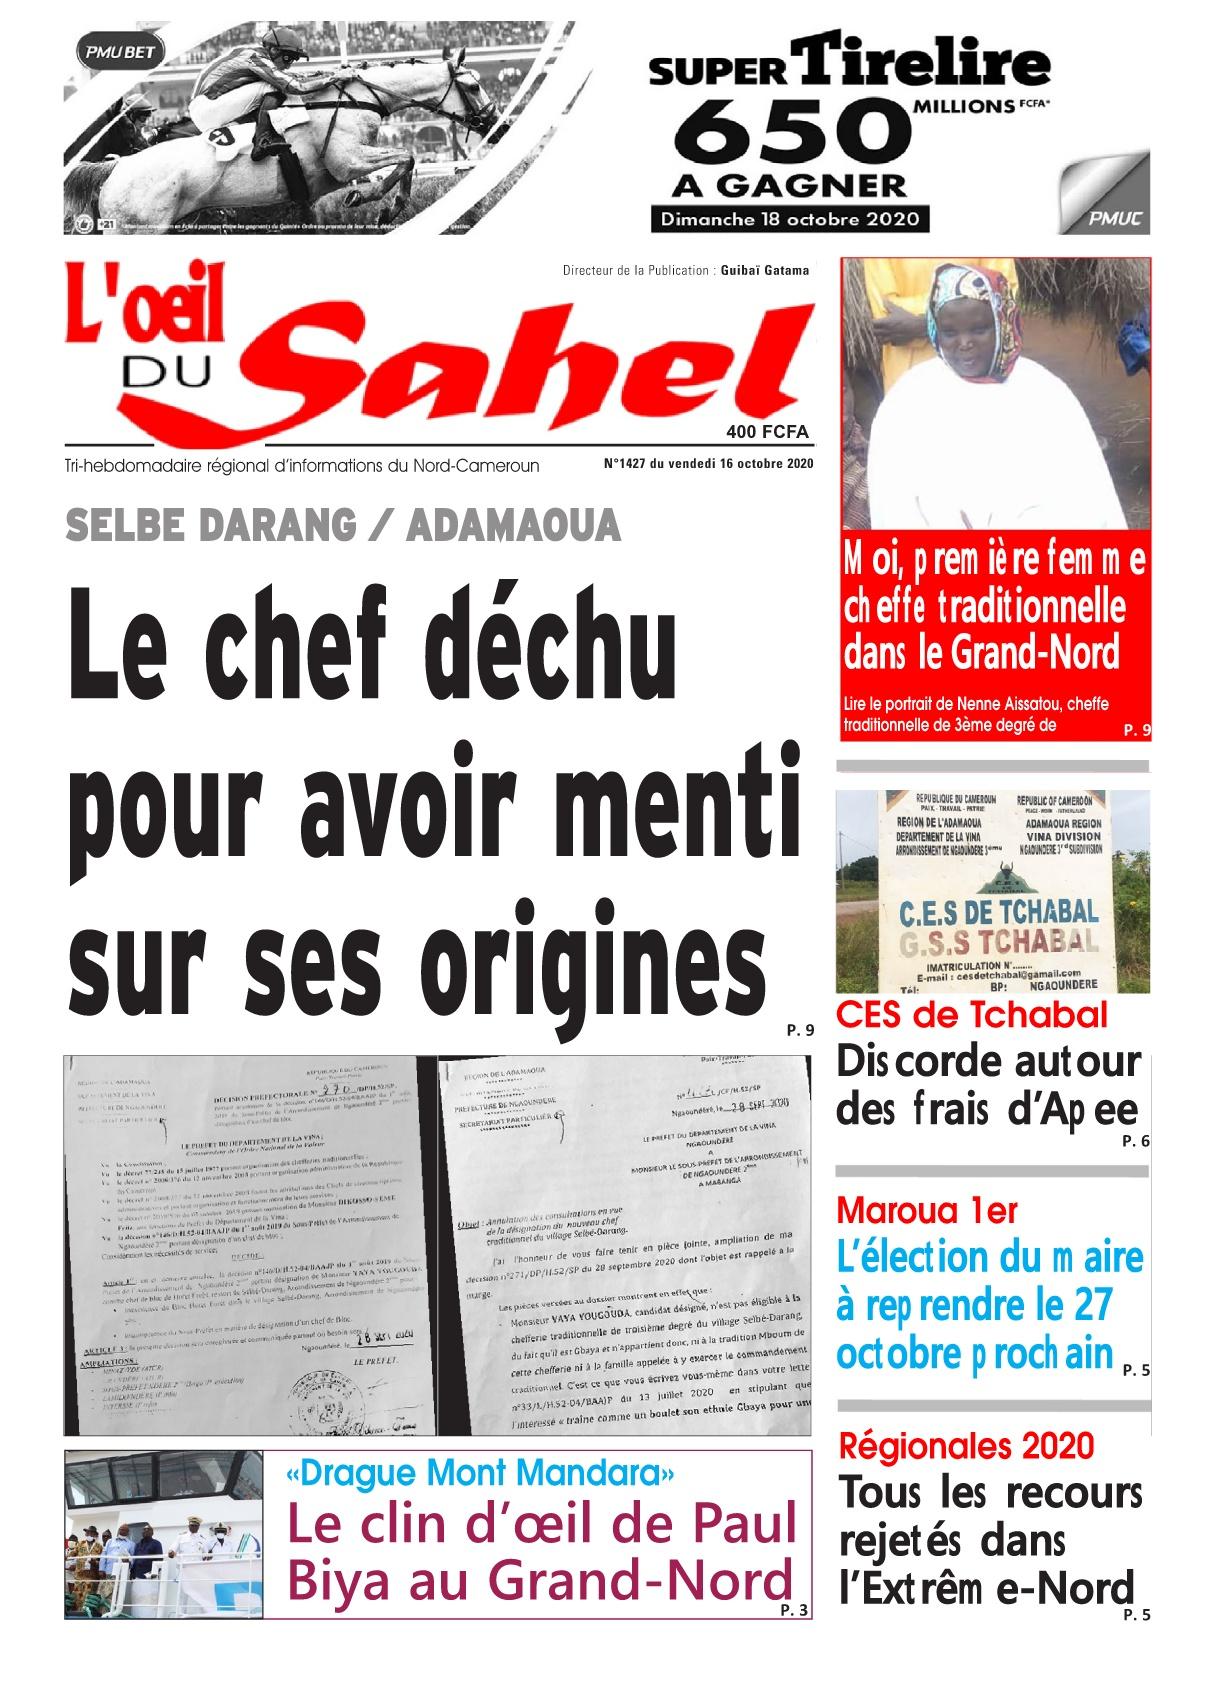 L'oeil du Sahel - 16/10/2020